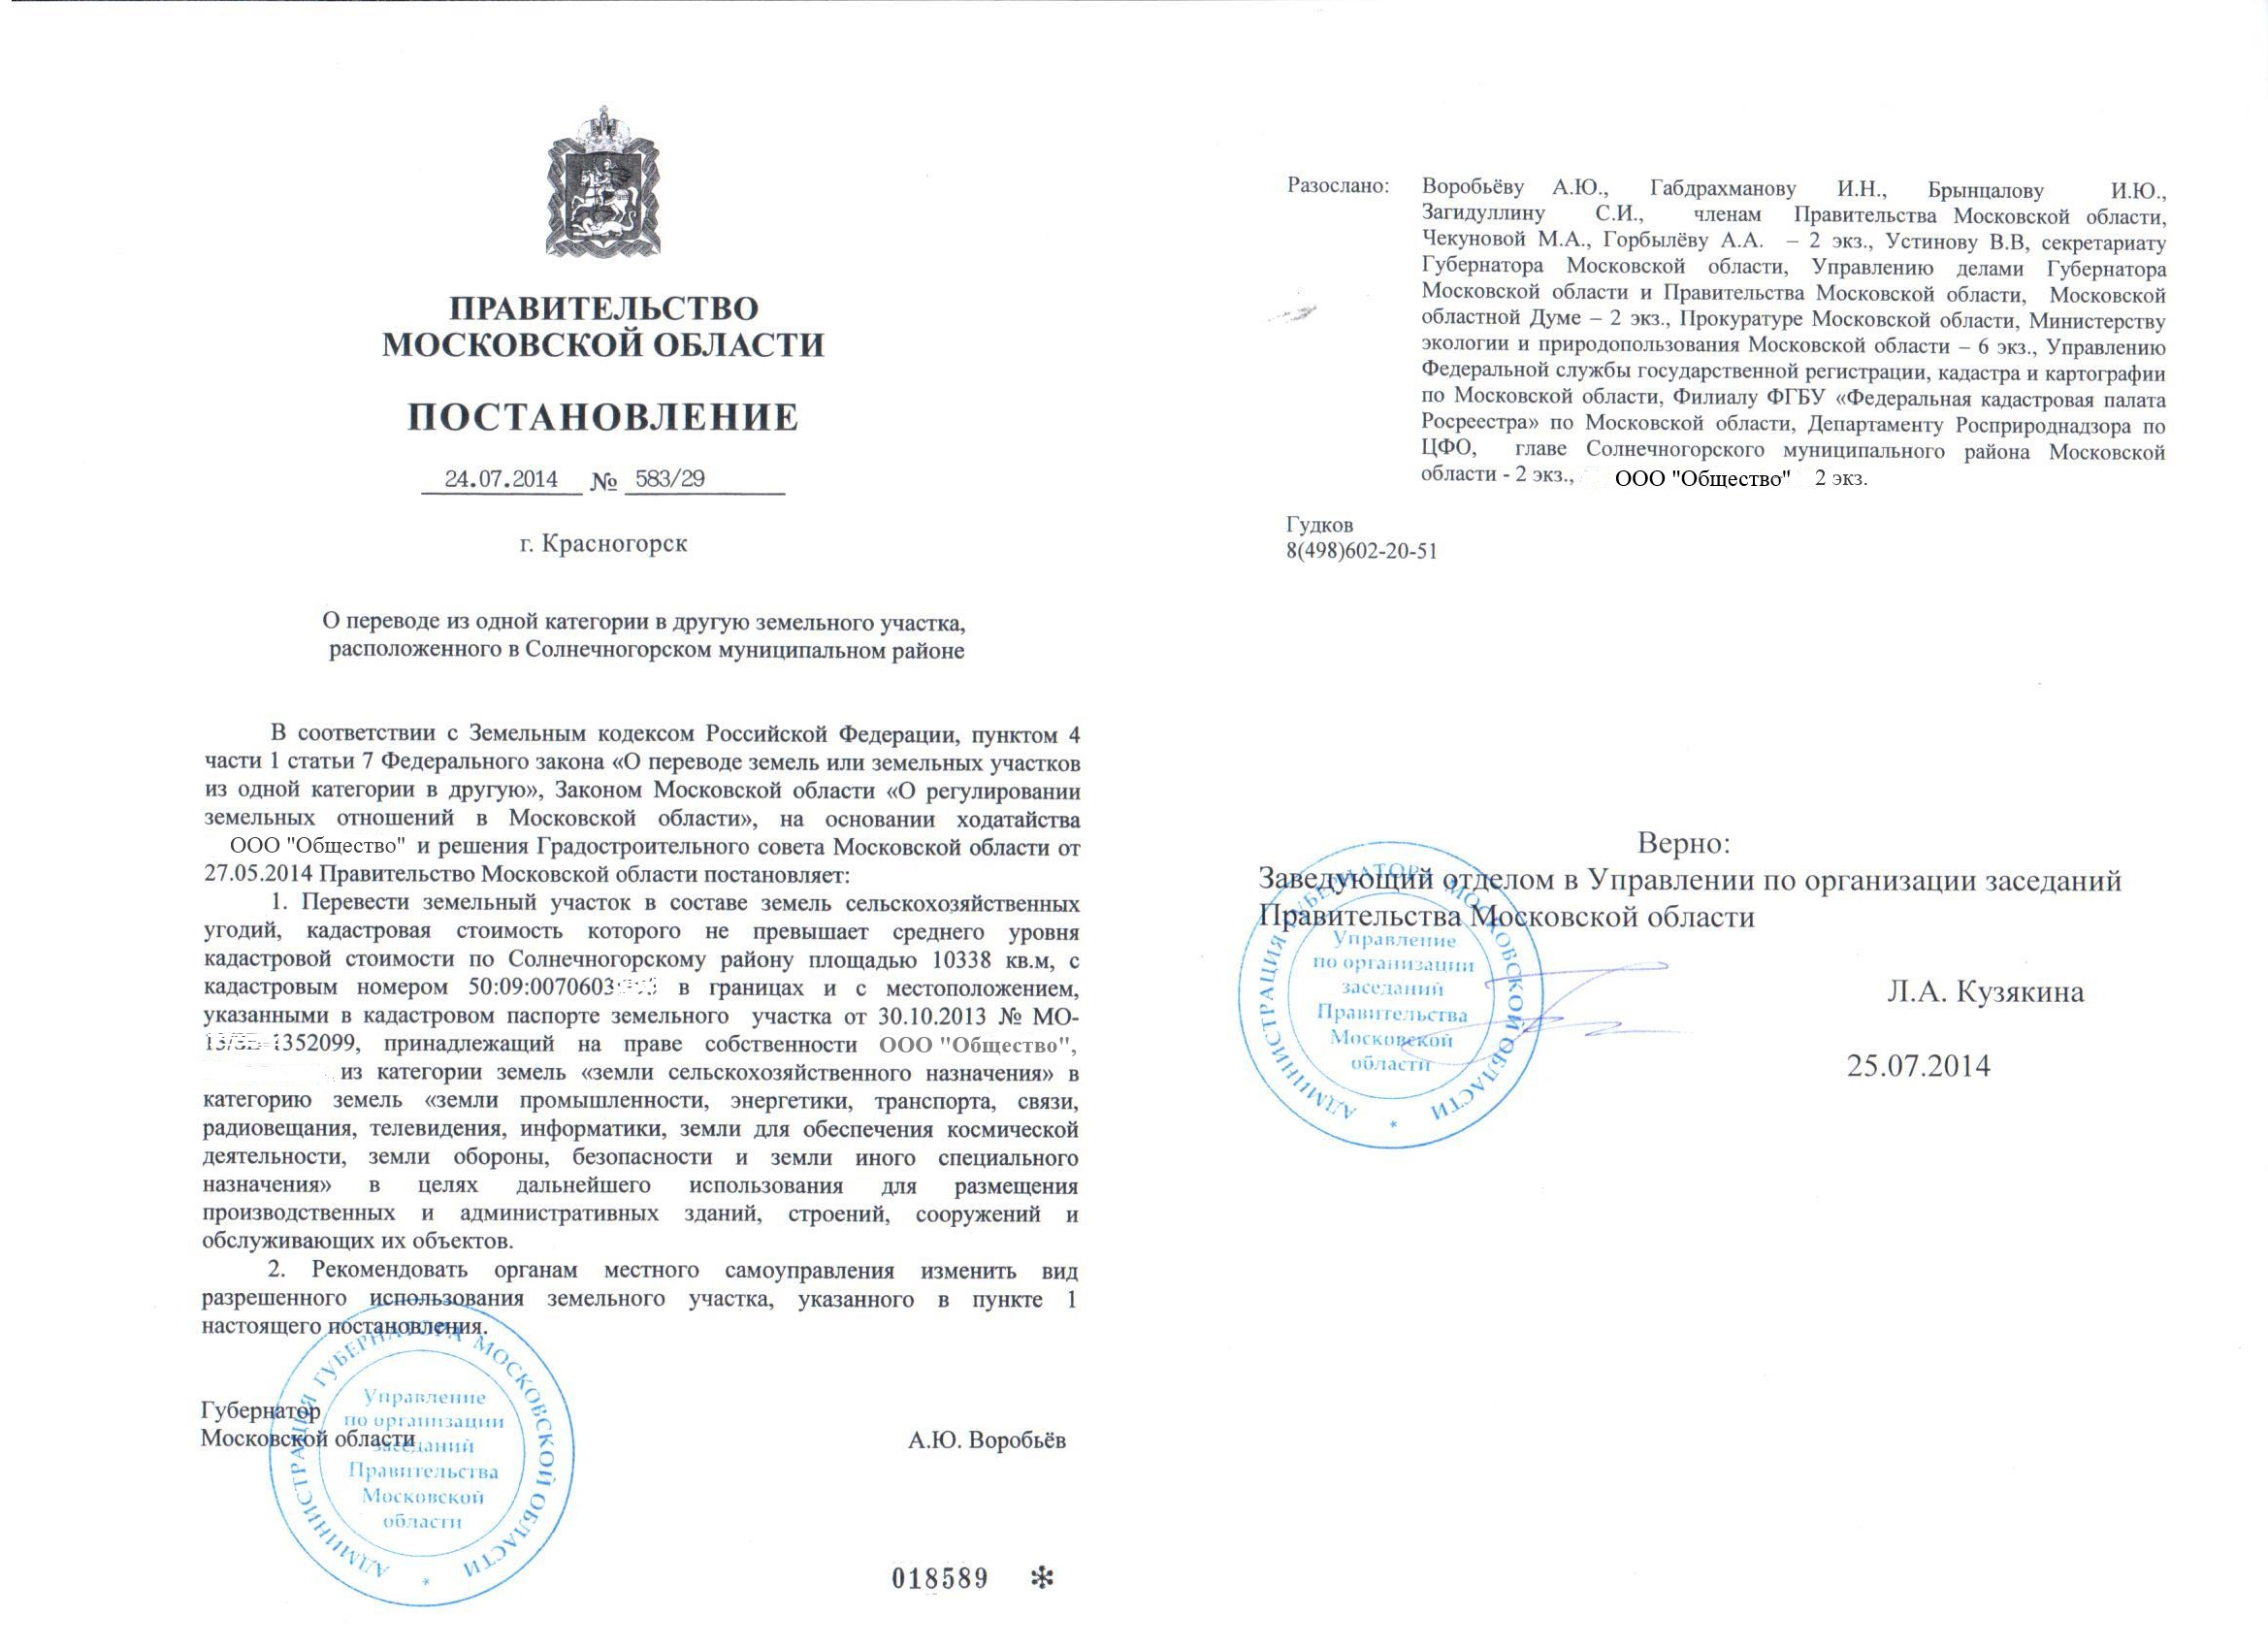 Постановление о переводе земельного участка в другую категорию.